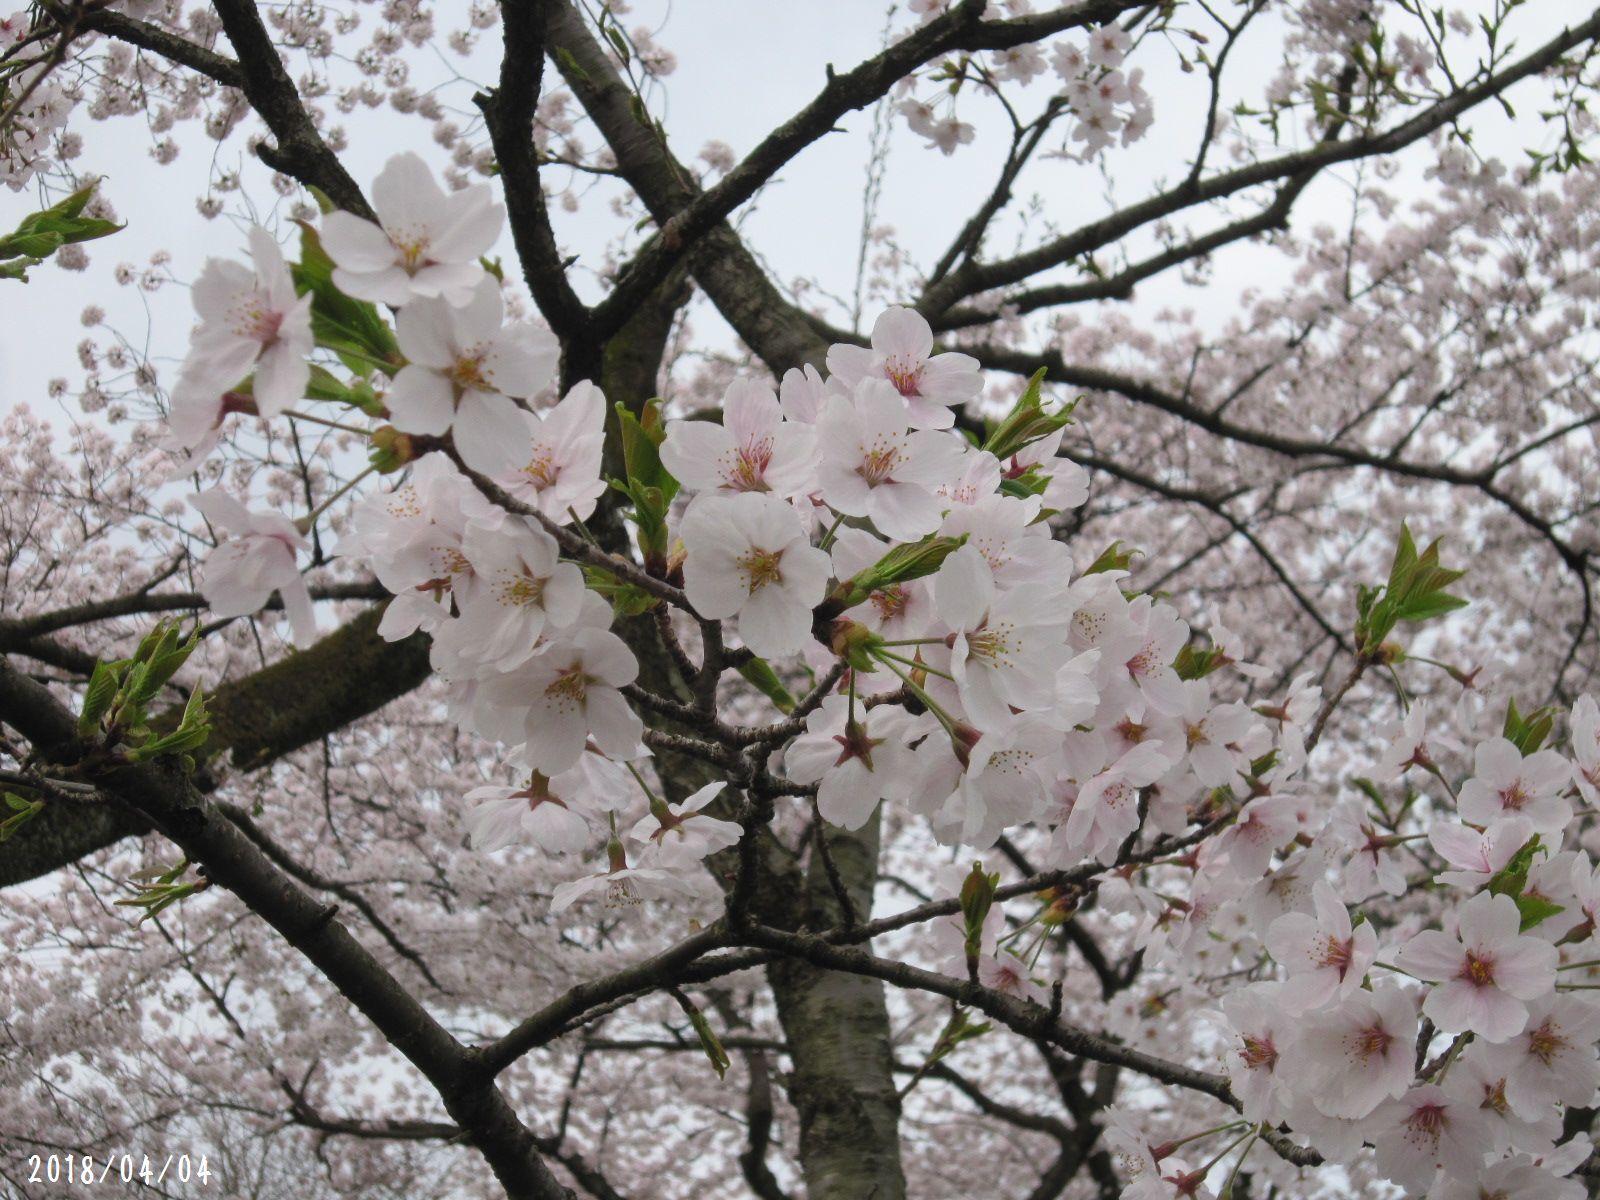 桜だより❀ 満開です❀ (4月7日 追記あり)  _a0207574_16453198.jpg